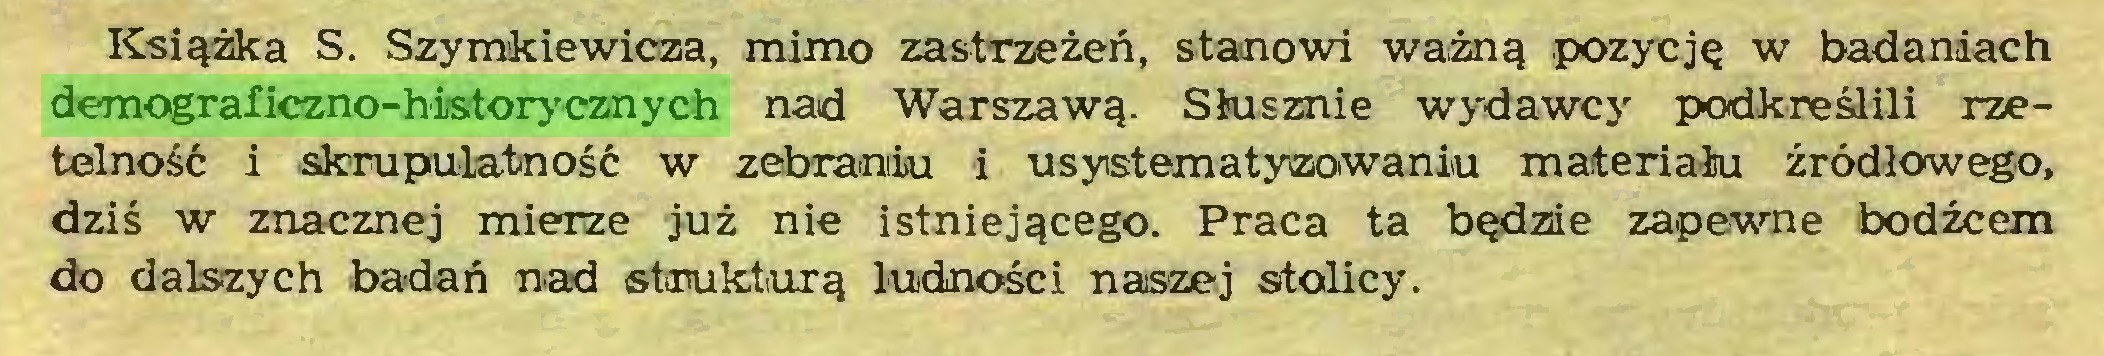 (...) Książka S. Szymkiewicza, mimo zastrzeżeń, stanowi ważną pozycję w badaniach demograficzno-historycznych nad Warszawą. Słusznie wydawcy podkreślili rzetelność i skrupulatność w zebraniu i usystematyzowaniu materiału źródłowego, dziś w znacznej mierze już nie istniejącego. Praca ta będzie za-pewne bodźcem do dalszych badań nad strukturą ludności naszej stolicy...